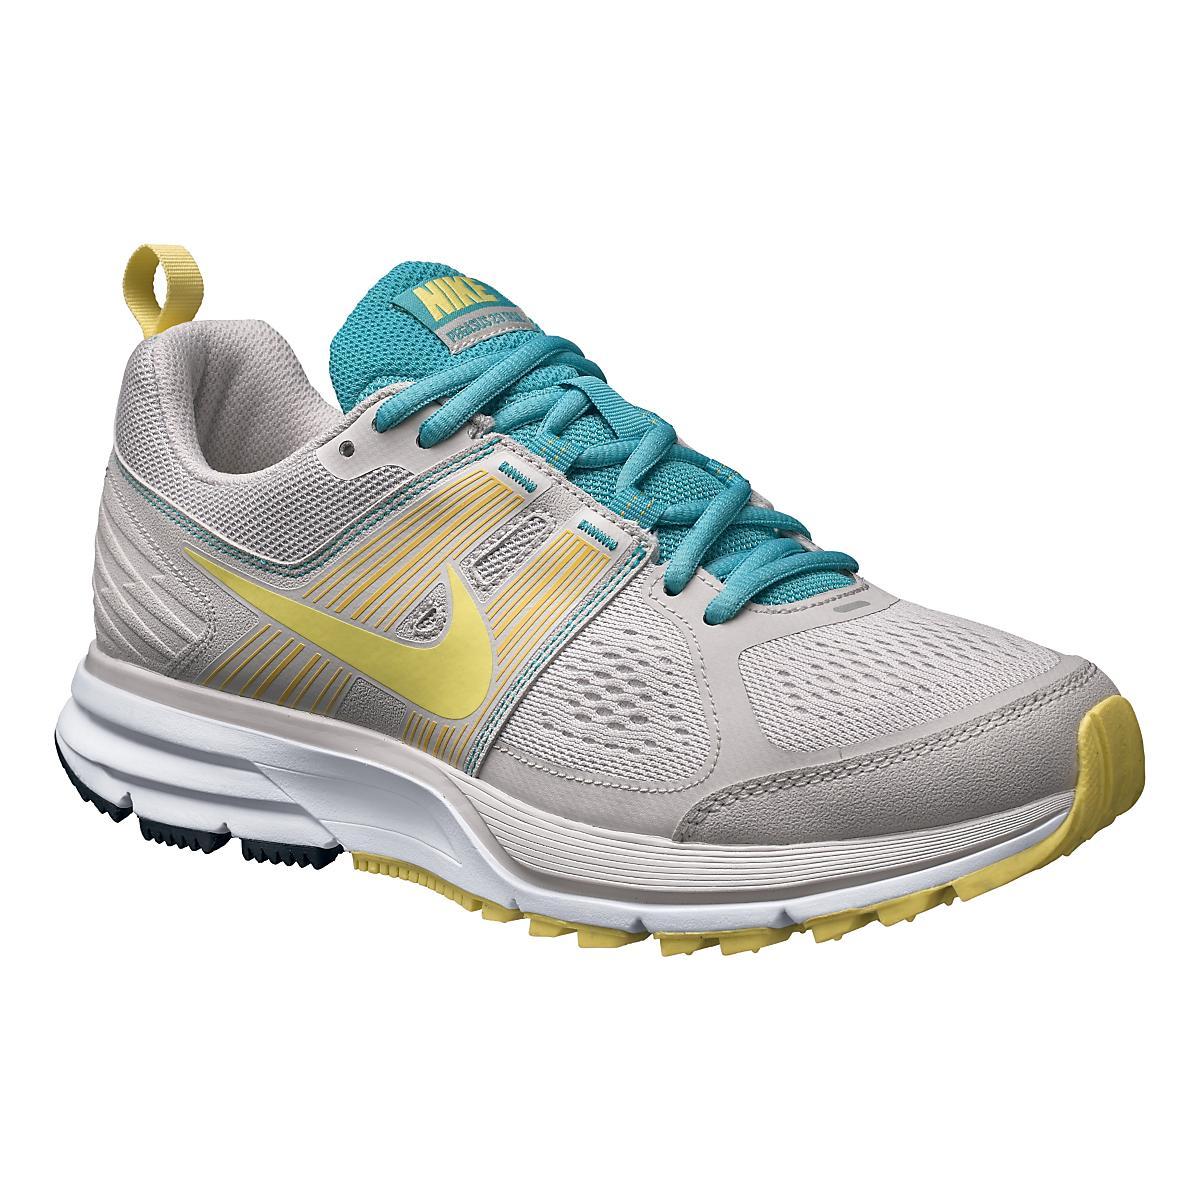 e5d2a2bc67ce Womens Nike Air Pegasus+ 29 Trail Trail Running Shoe at Road Runner Sports